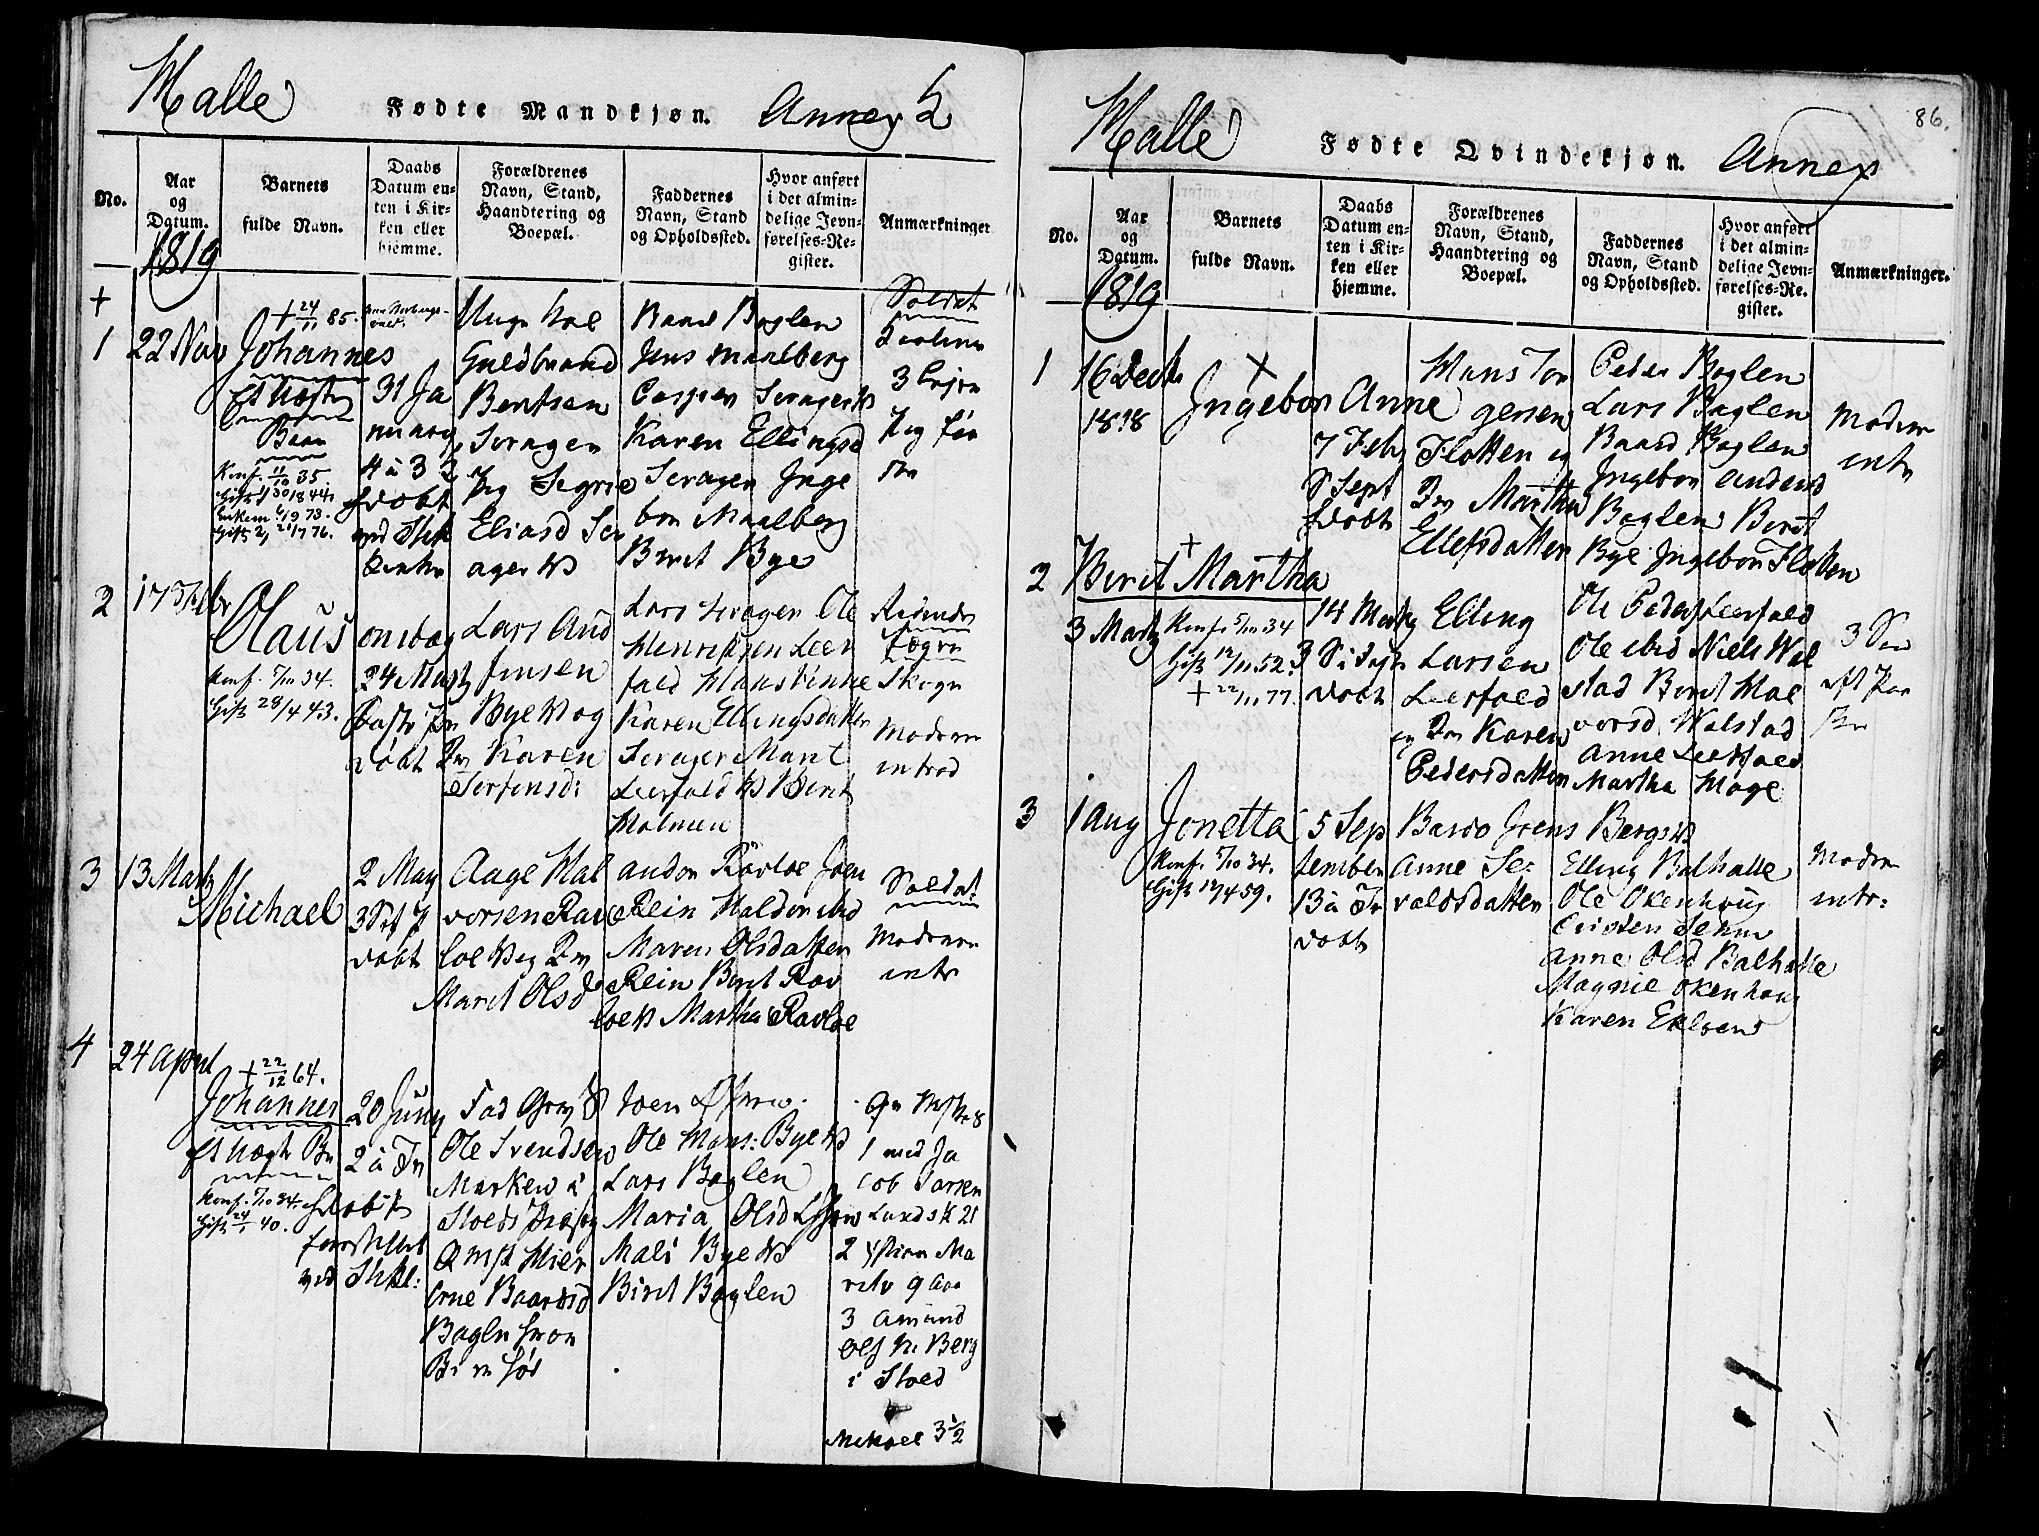 SAT, Ministerialprotokoller, klokkerbøker og fødselsregistre - Nord-Trøndelag, 723/L0234: Ministerialbok nr. 723A05 /3, 1817-1821, s. 86